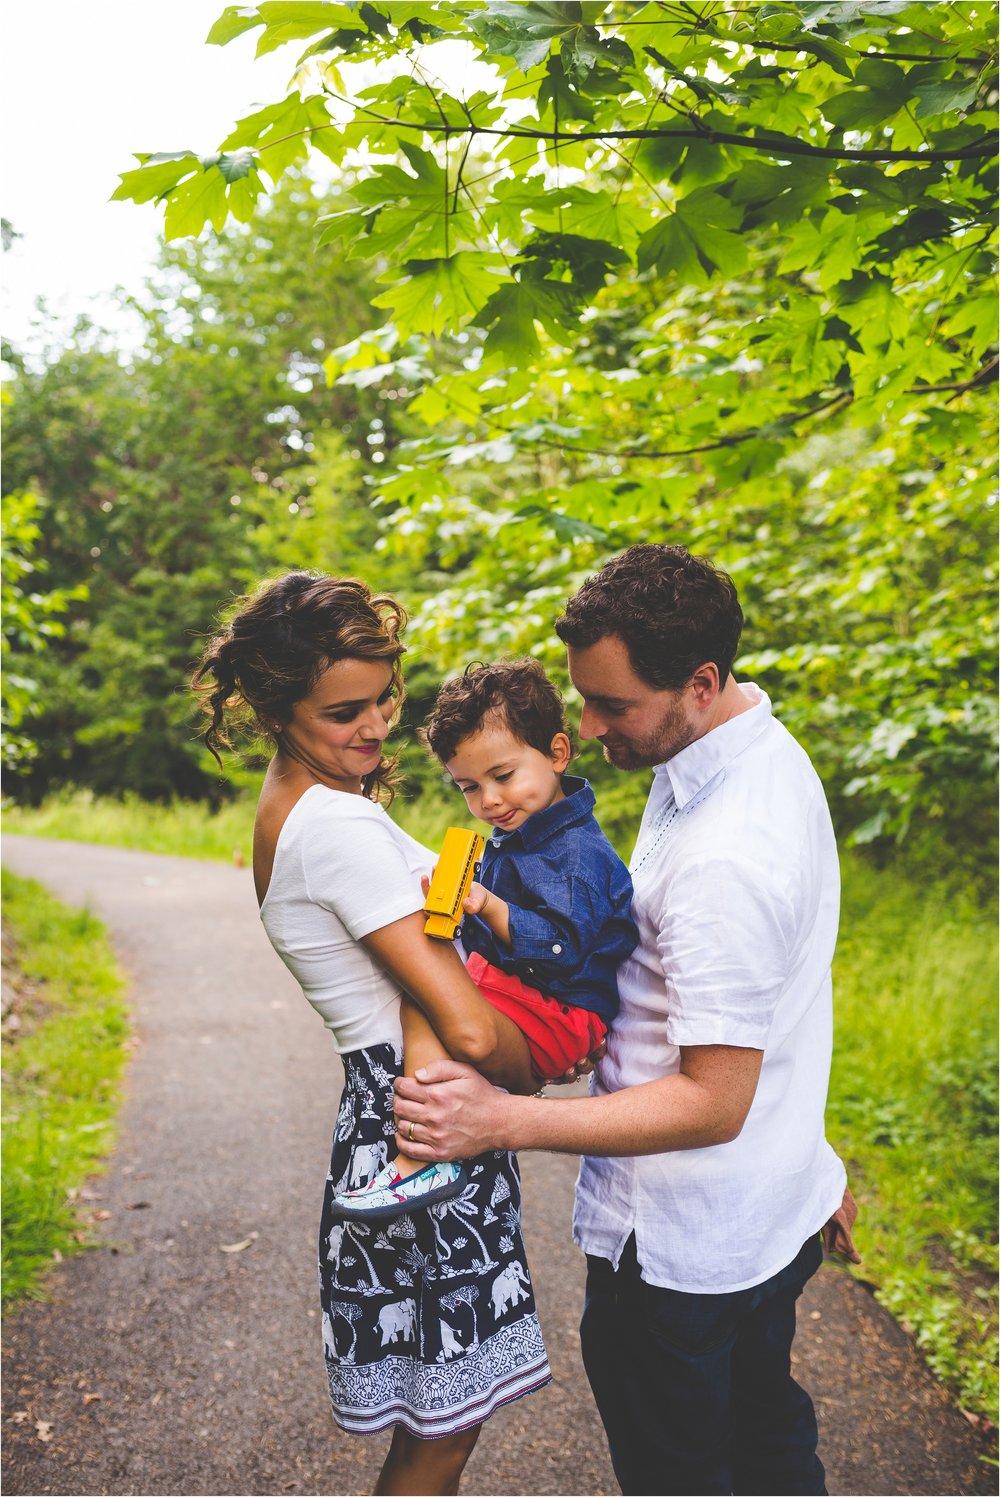 hoyt-arboretum-family-session-jannicka-mayte-portland-oregon-family-photographer_0023.jpg